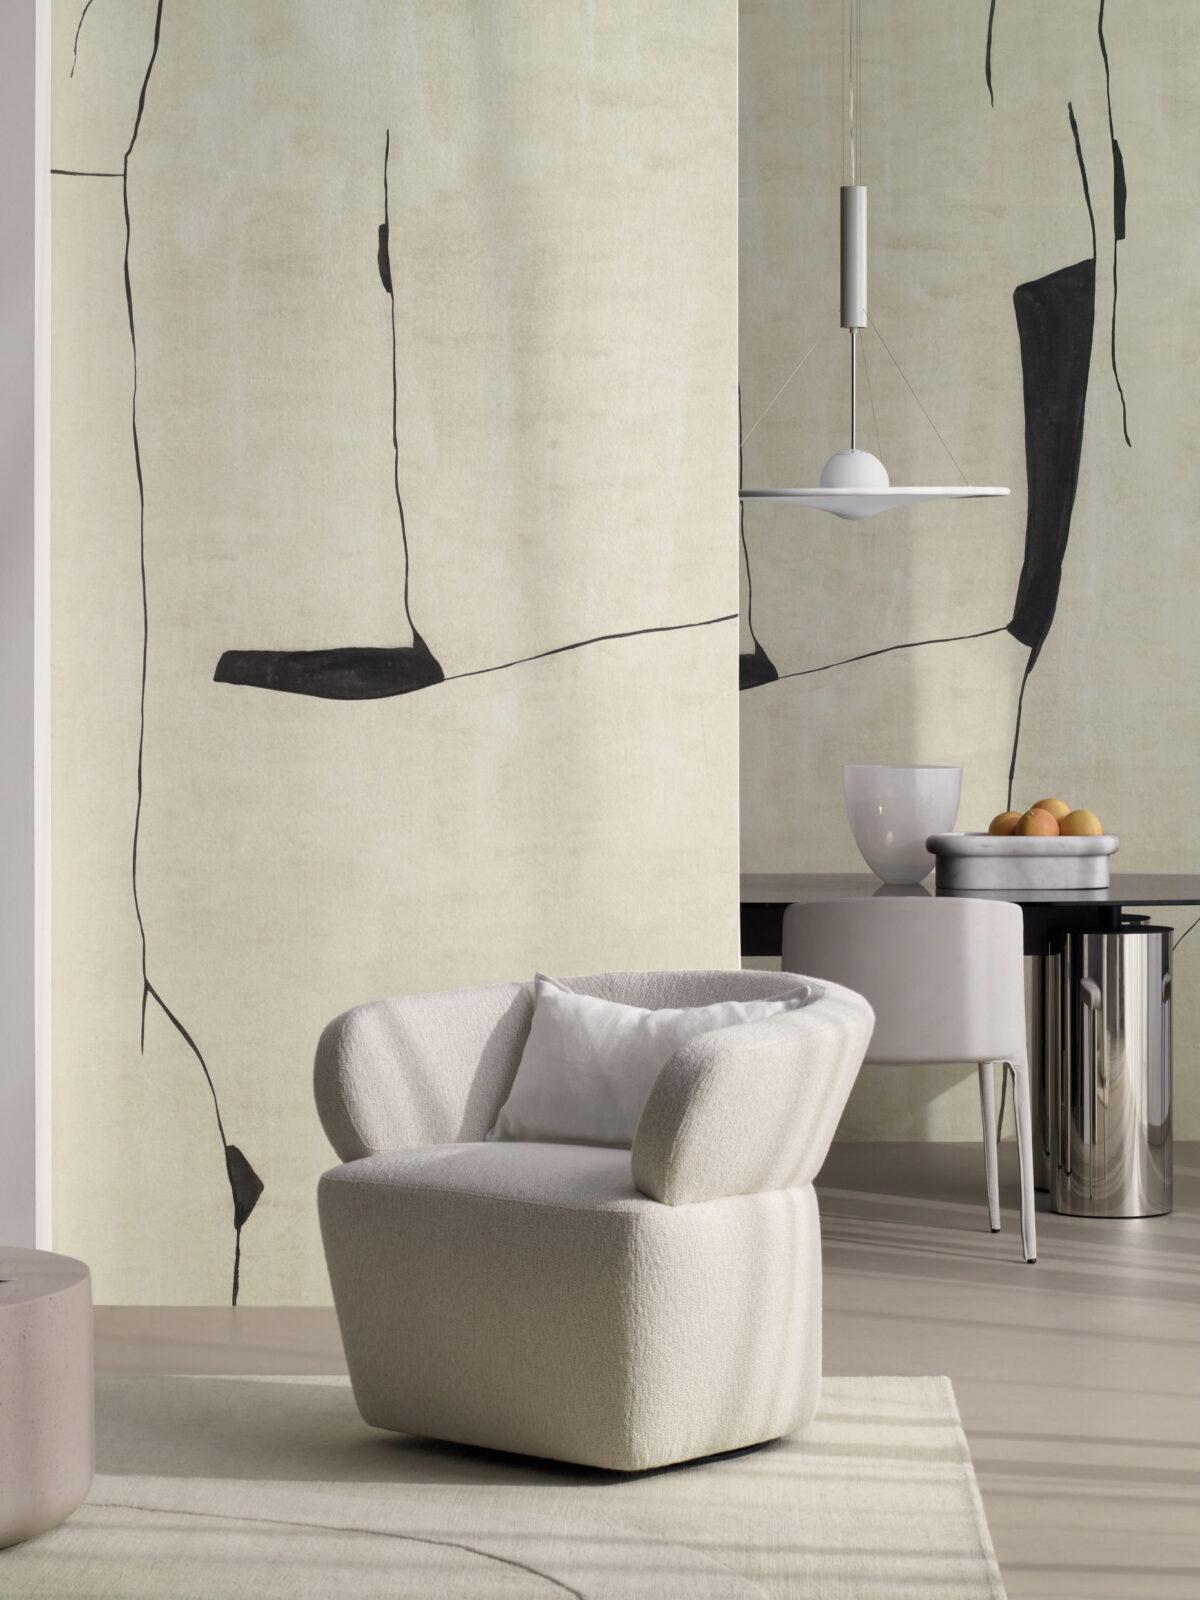 salon fauteuil bouclette papier-peint noir et blanc effet kintsugi